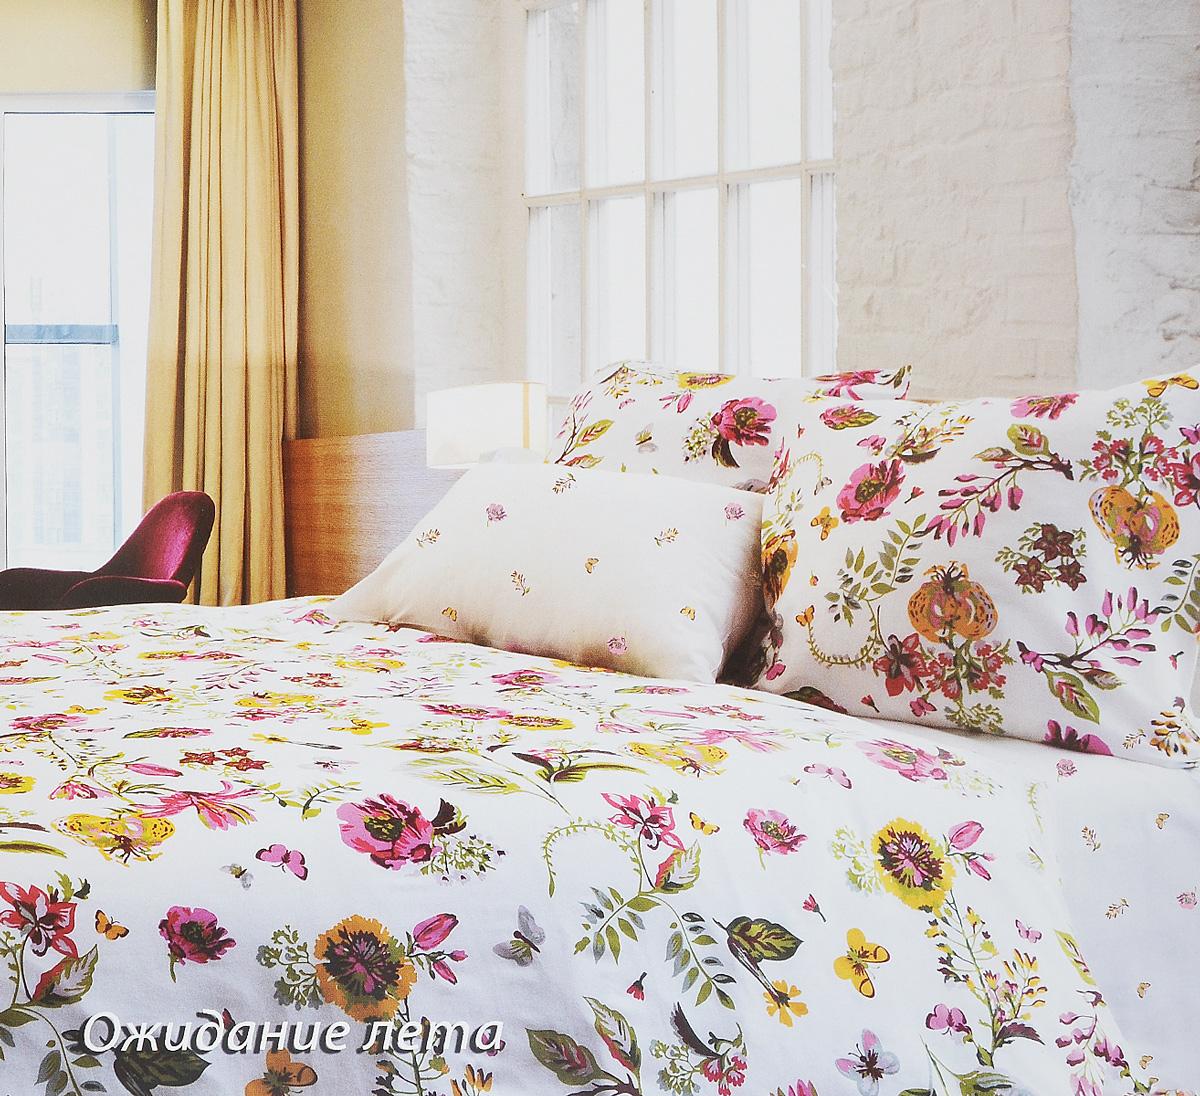 Комплект белья Tiffanys Secret Ожидание лета, 1,5-спальный, наволочки 50х70, цвет: белый, розовый, желтый2040816090Комплект постельного белья Tiffanys Secret Ожидание лета является экологически безопасным для всей семьи, так как выполнен из сатина (100% хлопок). Комплект состоит из пододеяльника, простыни и двух наволочек. Предметы комплекта оформлены оригинальным рисунком.Благодаря такому комплекту постельного белья вы сможете создать атмосферу уюта и комфорта в вашей спальне.Сатин - это ткань, навсегда покорившая сердца человечества. Ценившие роскошь персы называли ее атлас, а искушенные в прекрасном французы - сатин. Секрет высококачественного сатина в безупречности всего технологического процесса. Эту благородную ткань делают только из отборной натуральной пряжи, которую получают из самого лучшего тонковолокнистого хлопка. Благодаря использованию самой тонкой хлопковой нити получается необычайно мягкое и нежное полотно. Сатиновое постельное белье превращает жаркие летние ночи в прохладные и освежающие, а холодные зимние - в теплые и согревающие. Сатин очень приятен на ощупь, постельное белье из него долговечно, выдерживает более 300 стирок, и лишь спустя долгое время материал начинает немного тускнеть. Оцените все достоинства постельного белья из сатина, выбирая самое лучшее для себя!Советы по выбору постельного белья от блогера Ирины Соковых. Статья OZON Гид